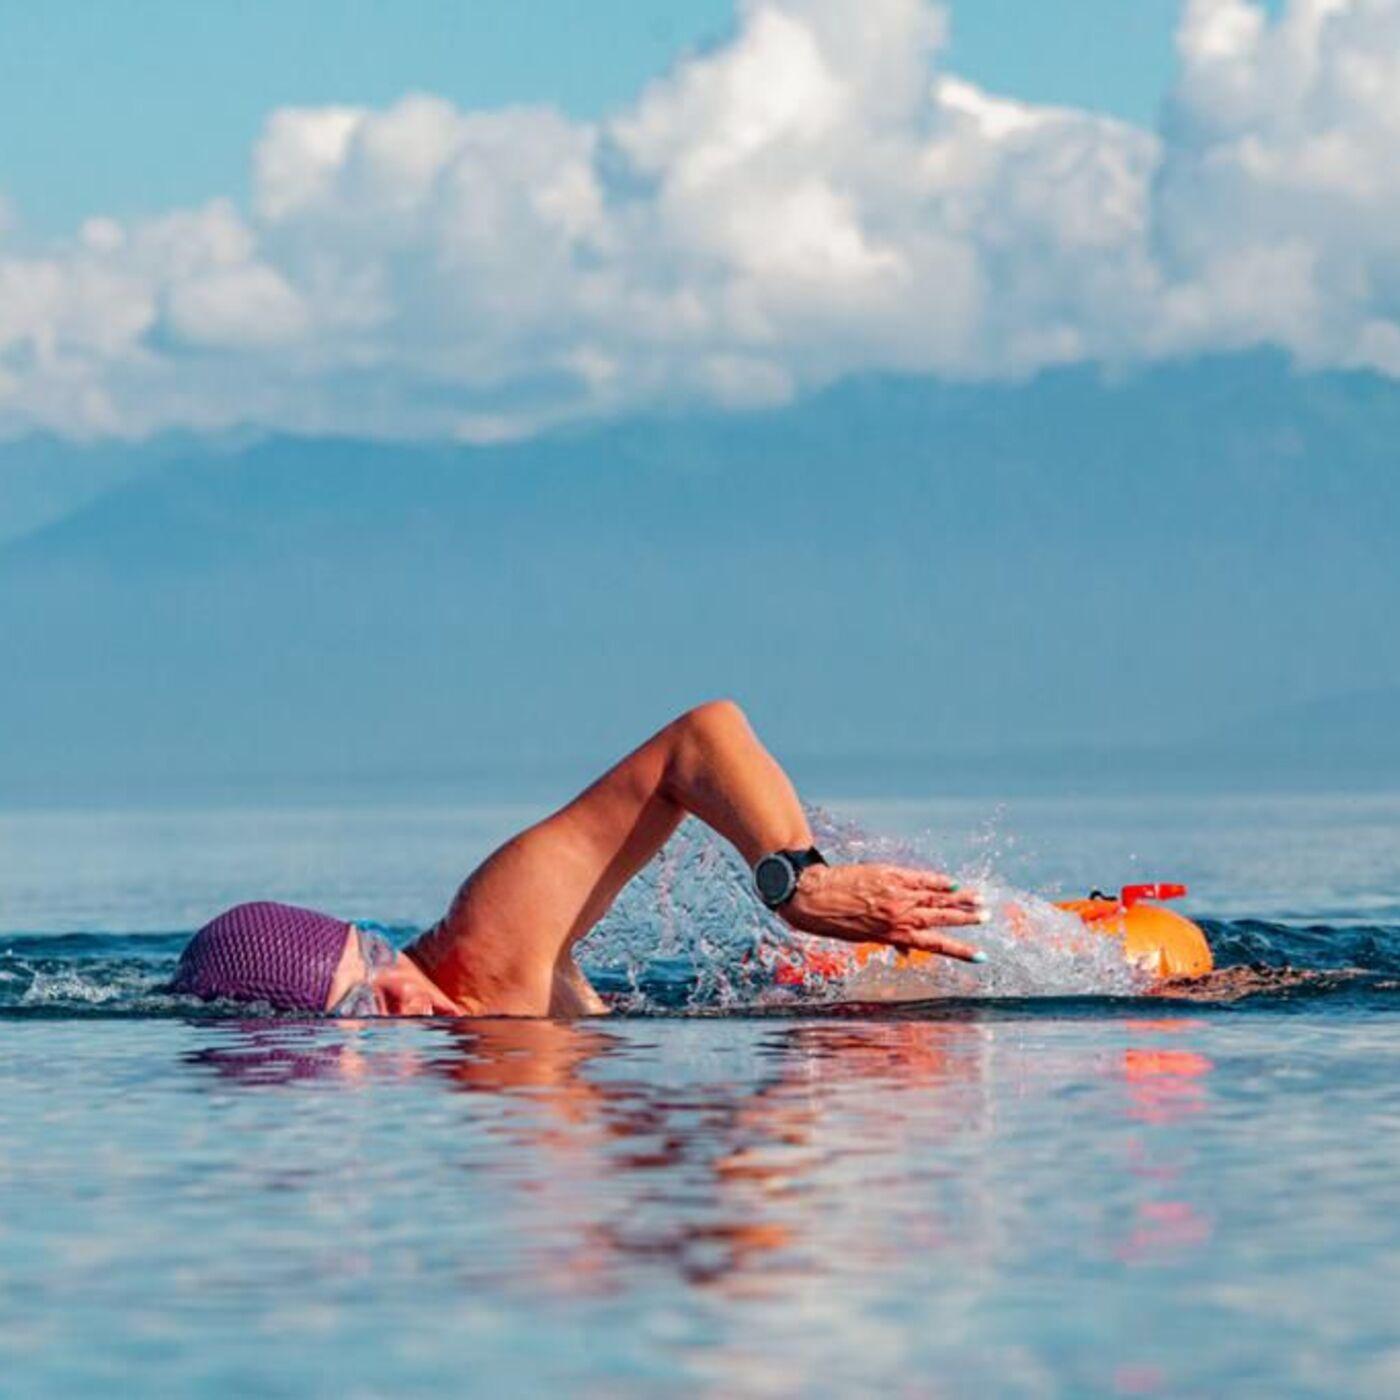 Natalia Tchouitch's Marathon Swim Story